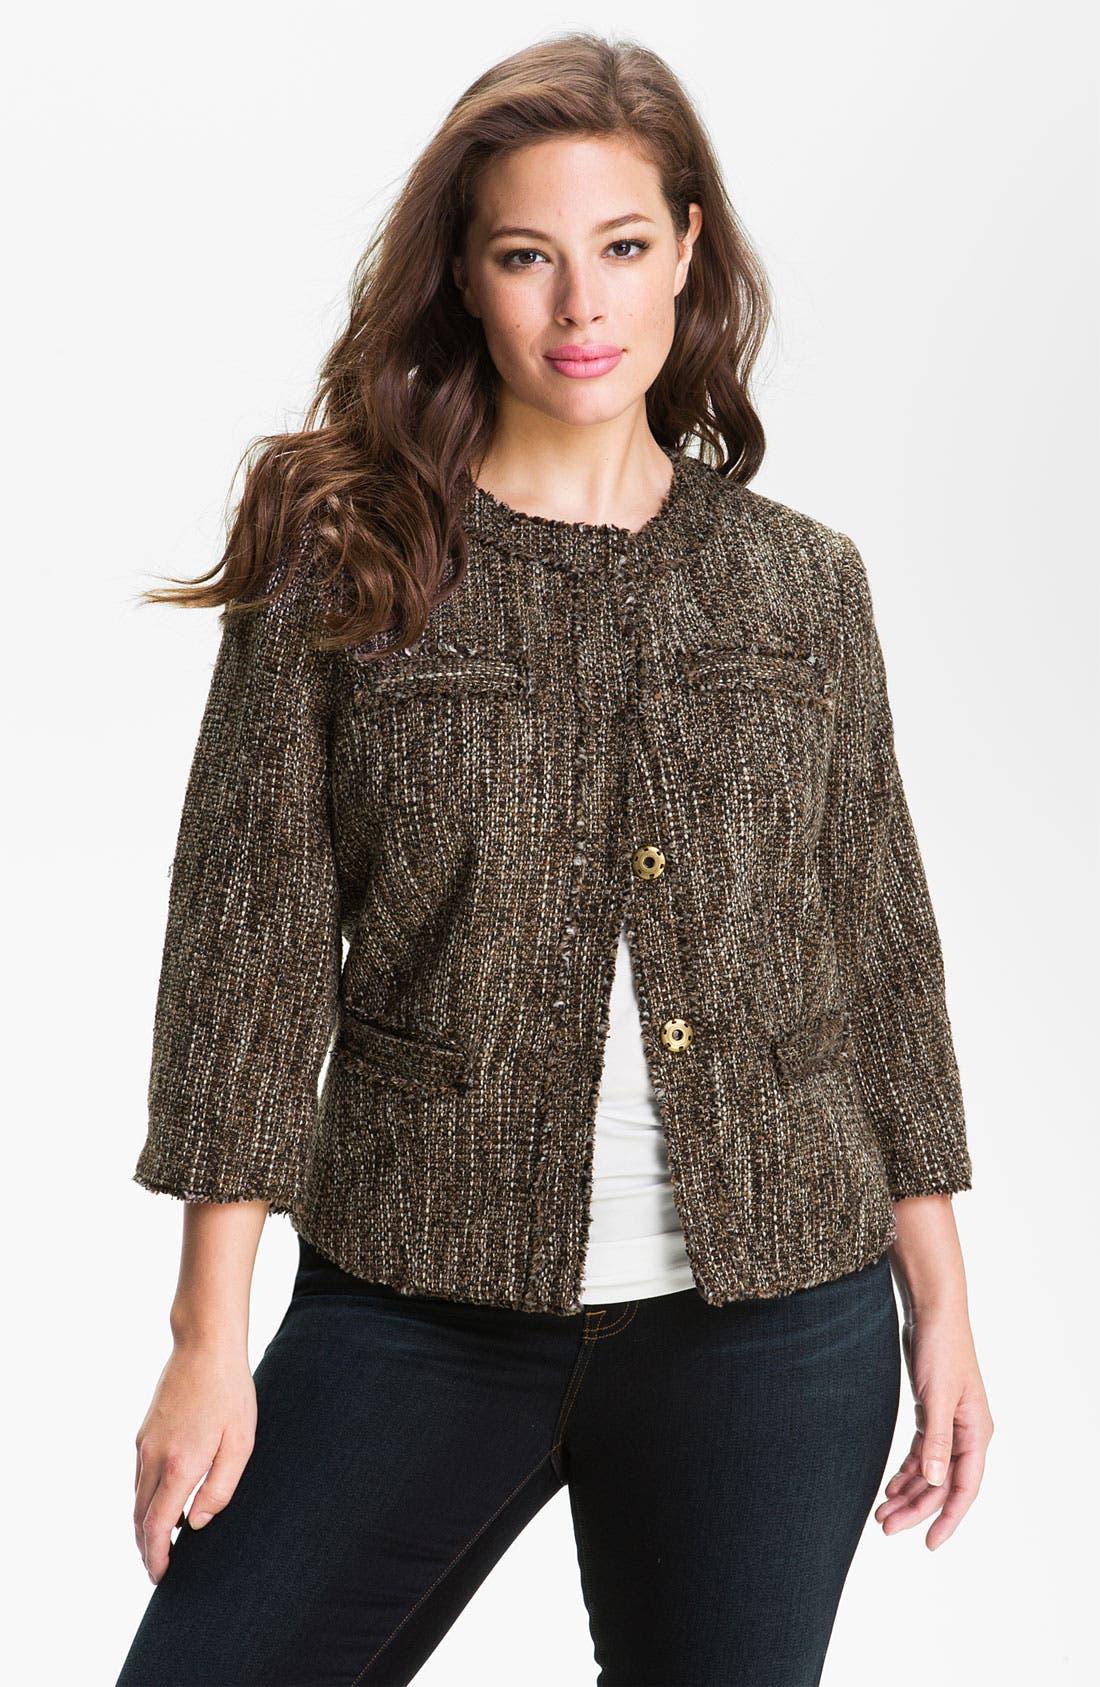 Alternate Image 1 Selected - MICHAEL Michael Kors 'Westport' Tweed Jacket (Plus)